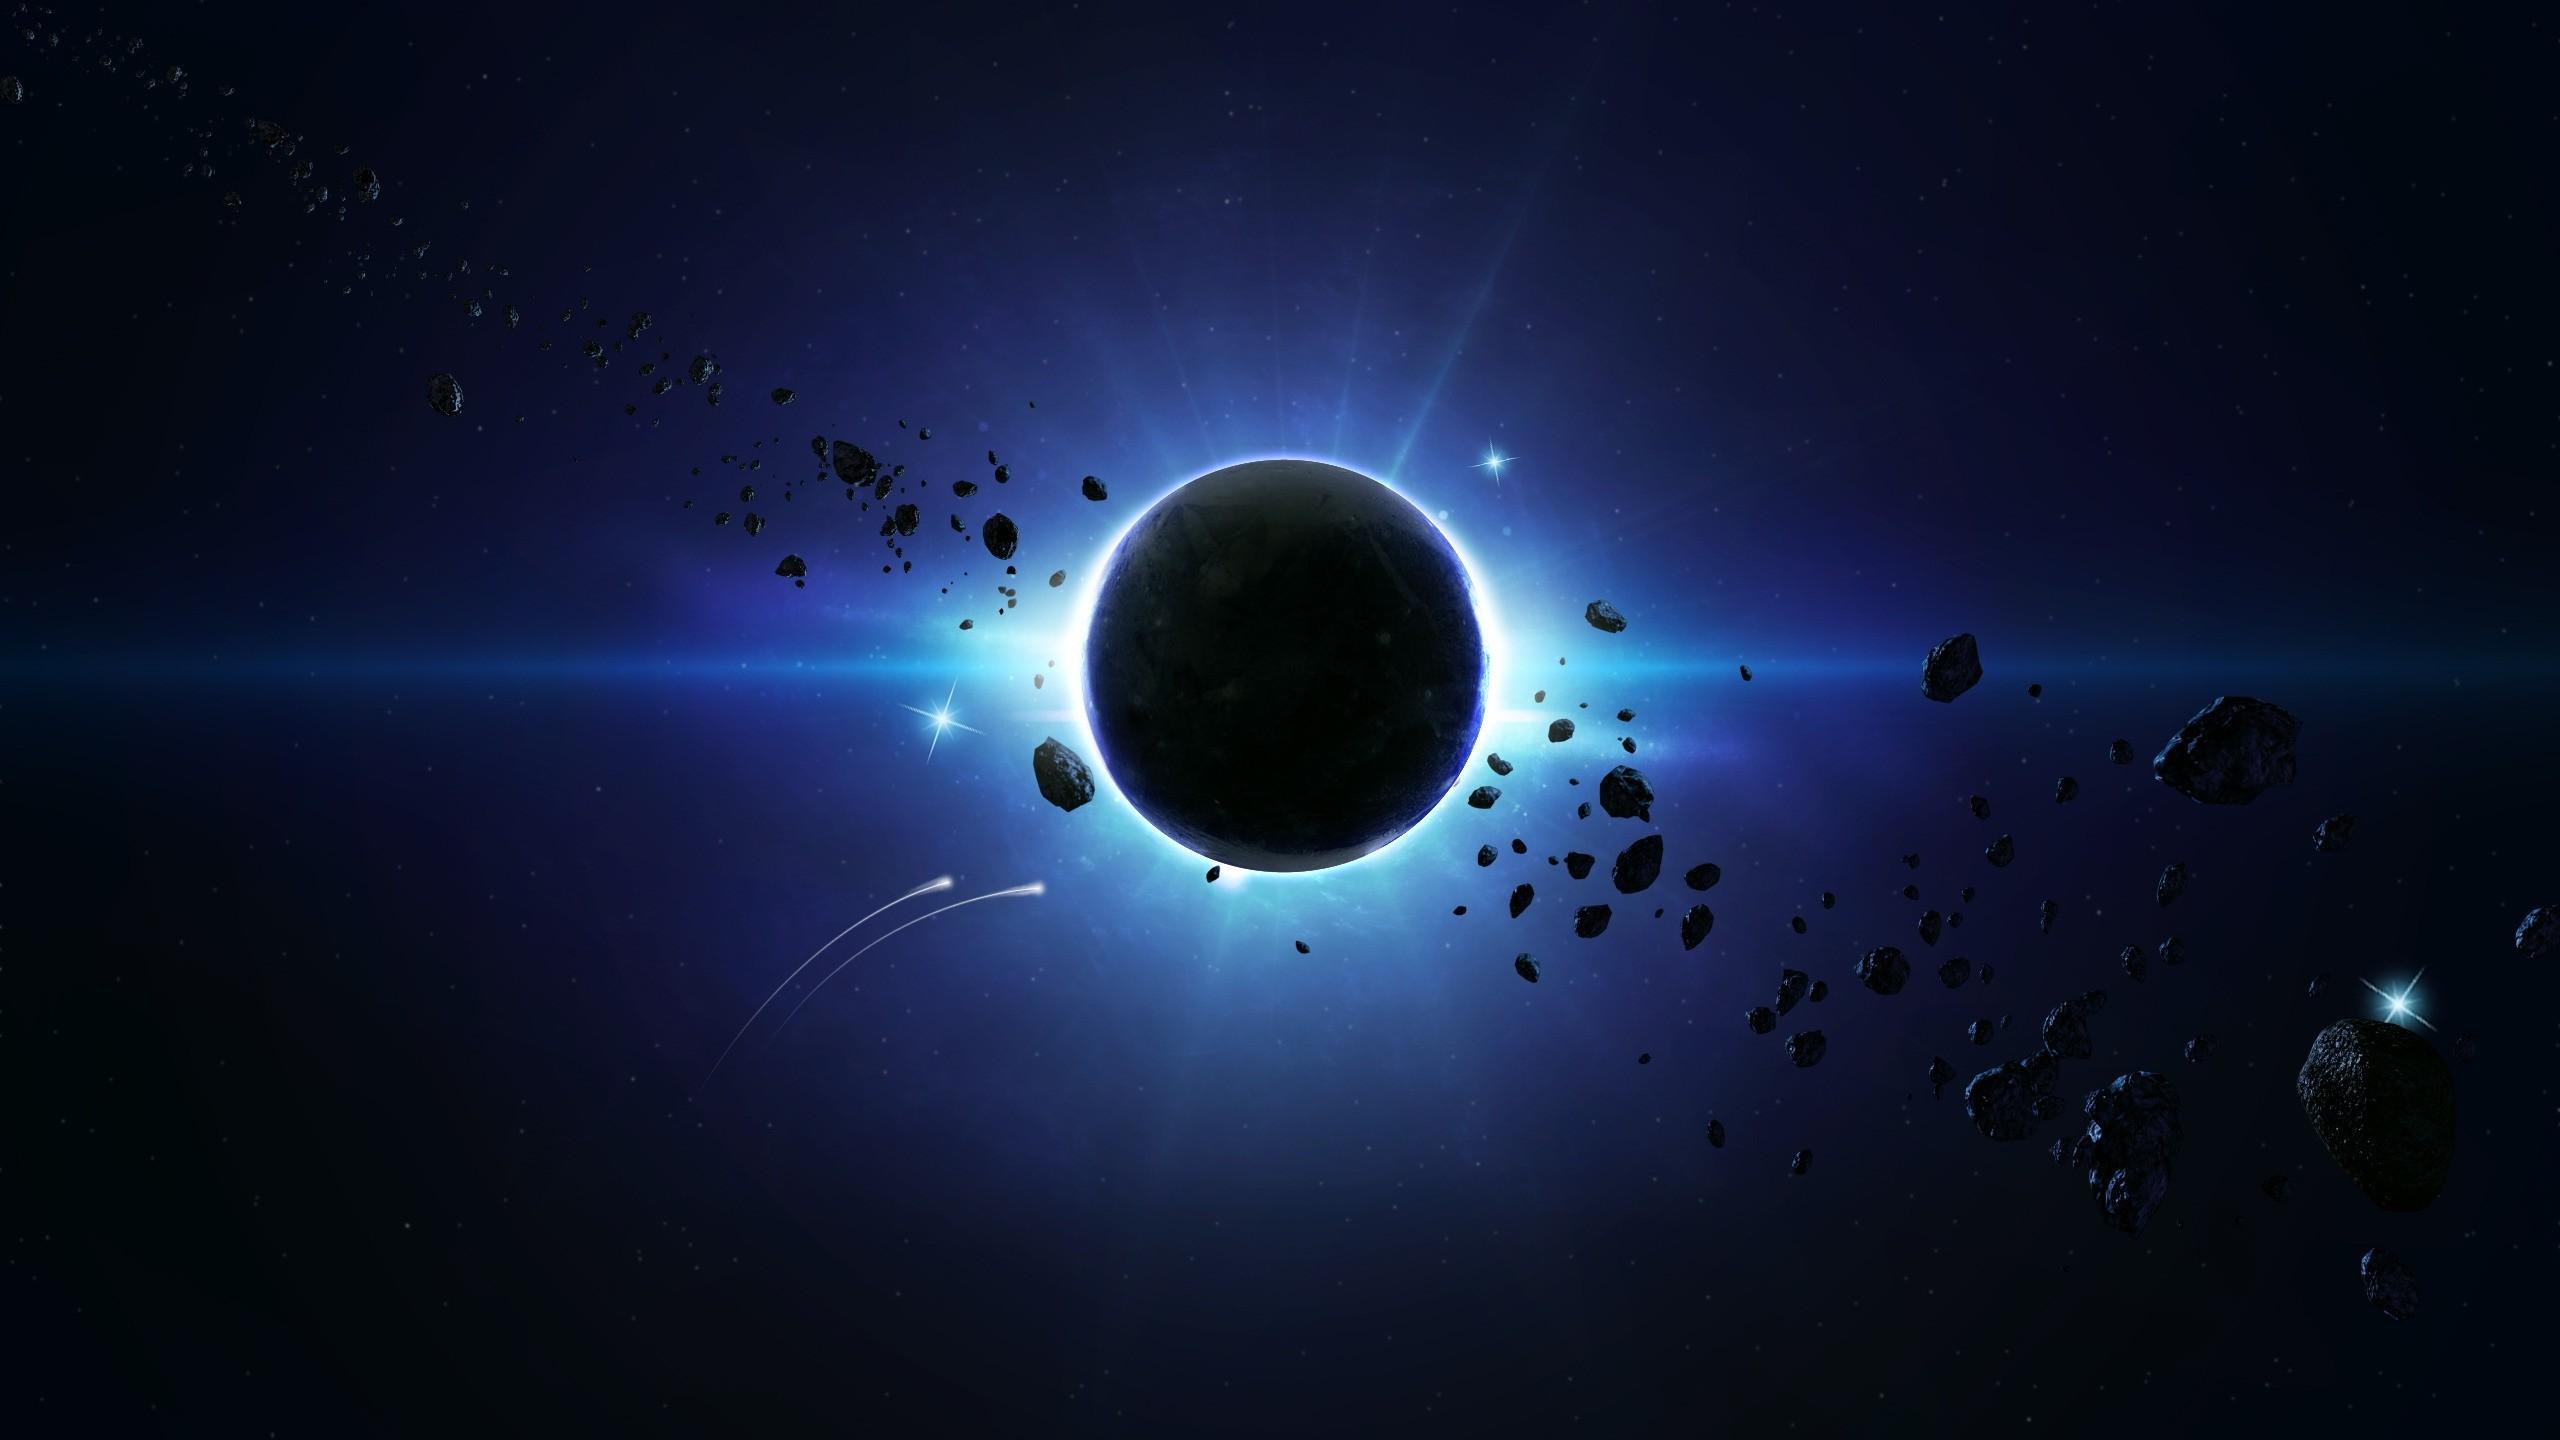 Lunar Eclipse wallpaper – 1011464